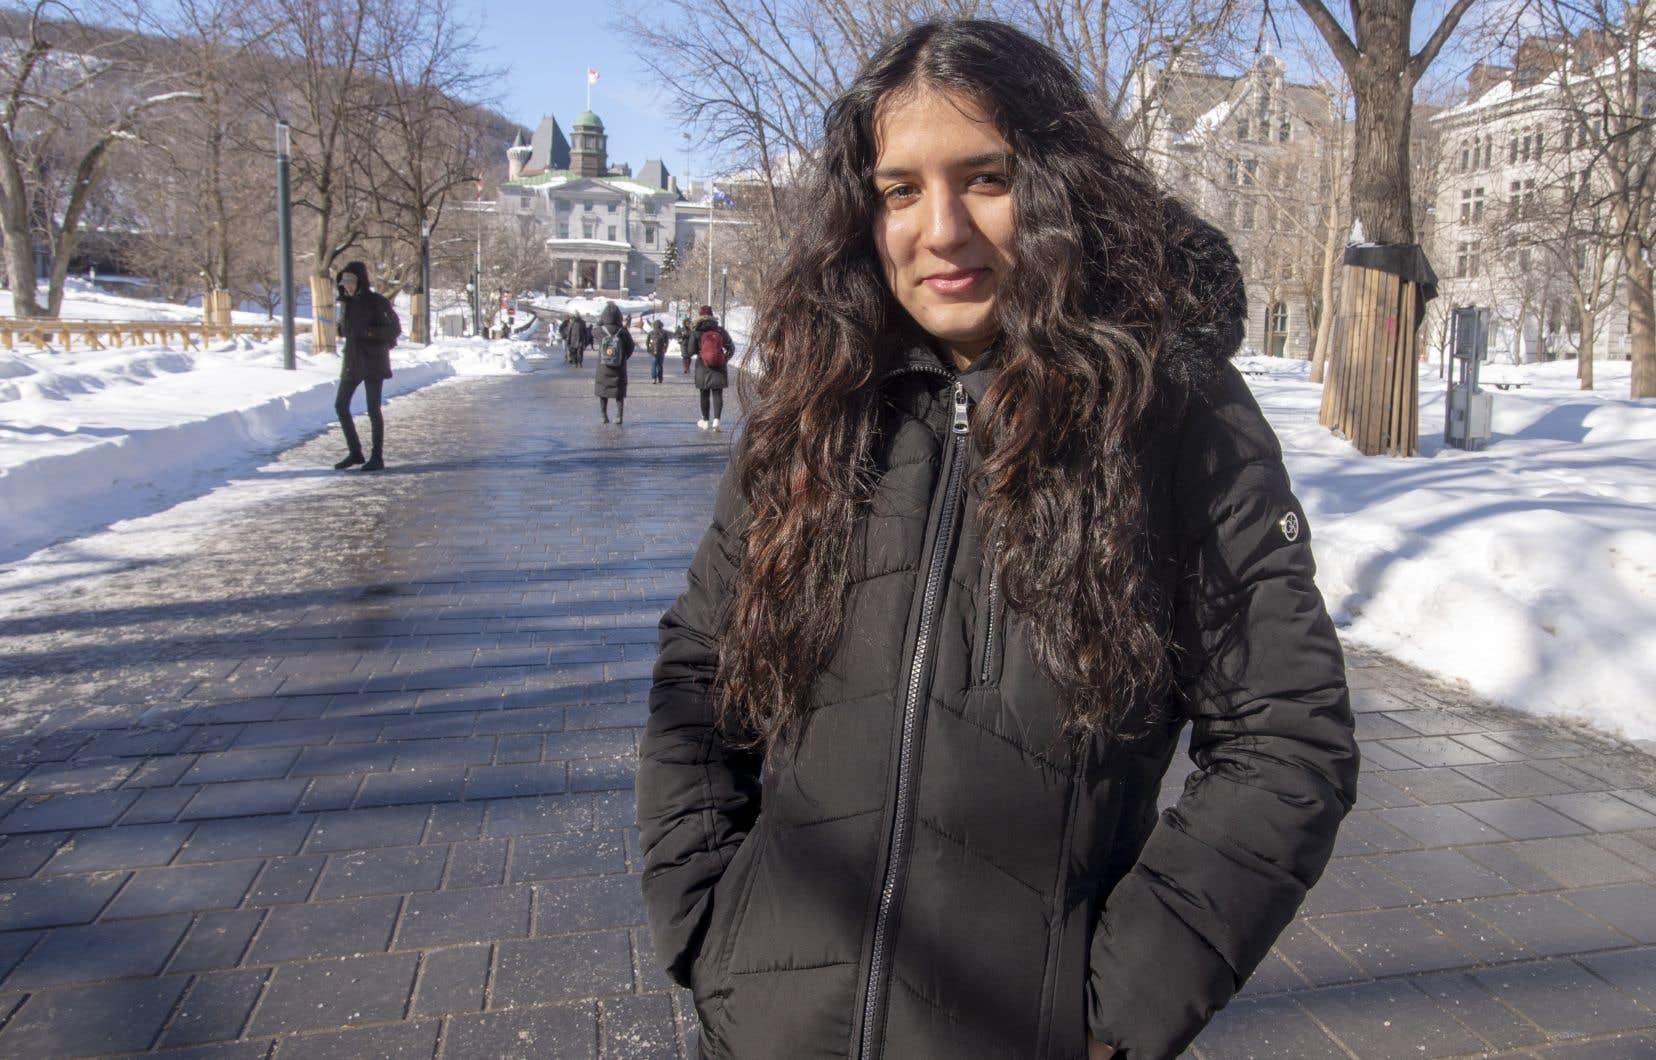 Sihem Youbi étudie à l'Université McGill pour devenir enseignante à l'école primaire. Elle a grandi dans un HLM du quartier Saint-Michel, à Montréal, et y habite toujours avec sa famille.